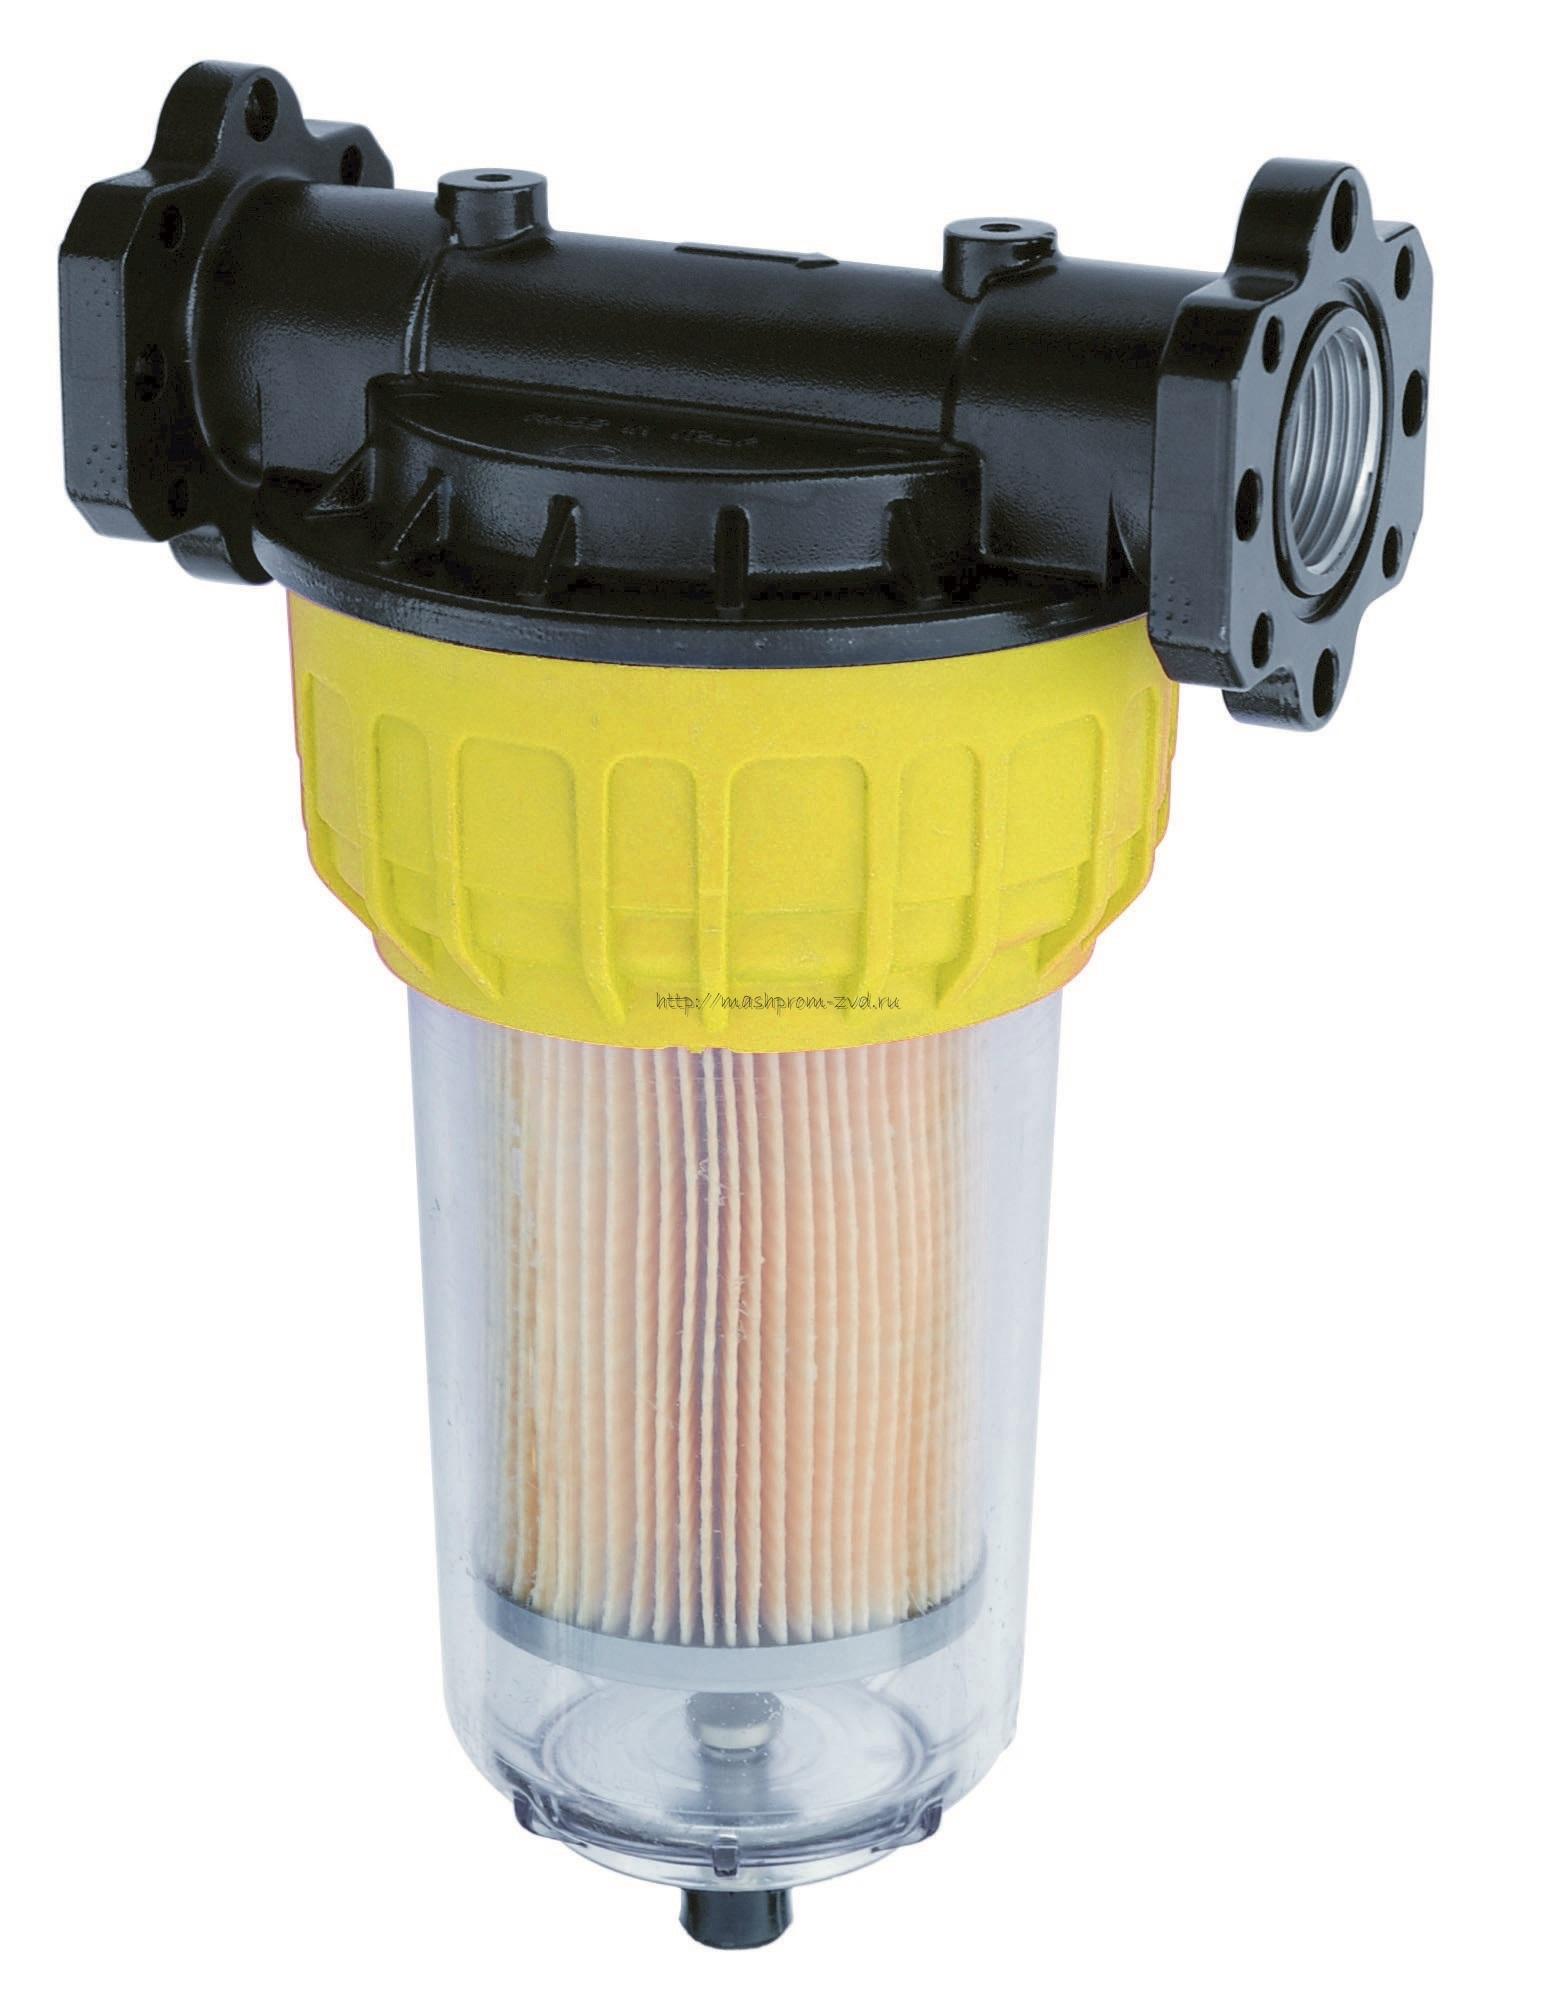 Фильтр PIUSI арт. F00611B10 для очистки от мех.примесей и воды 70 л/мин. 2 карт.